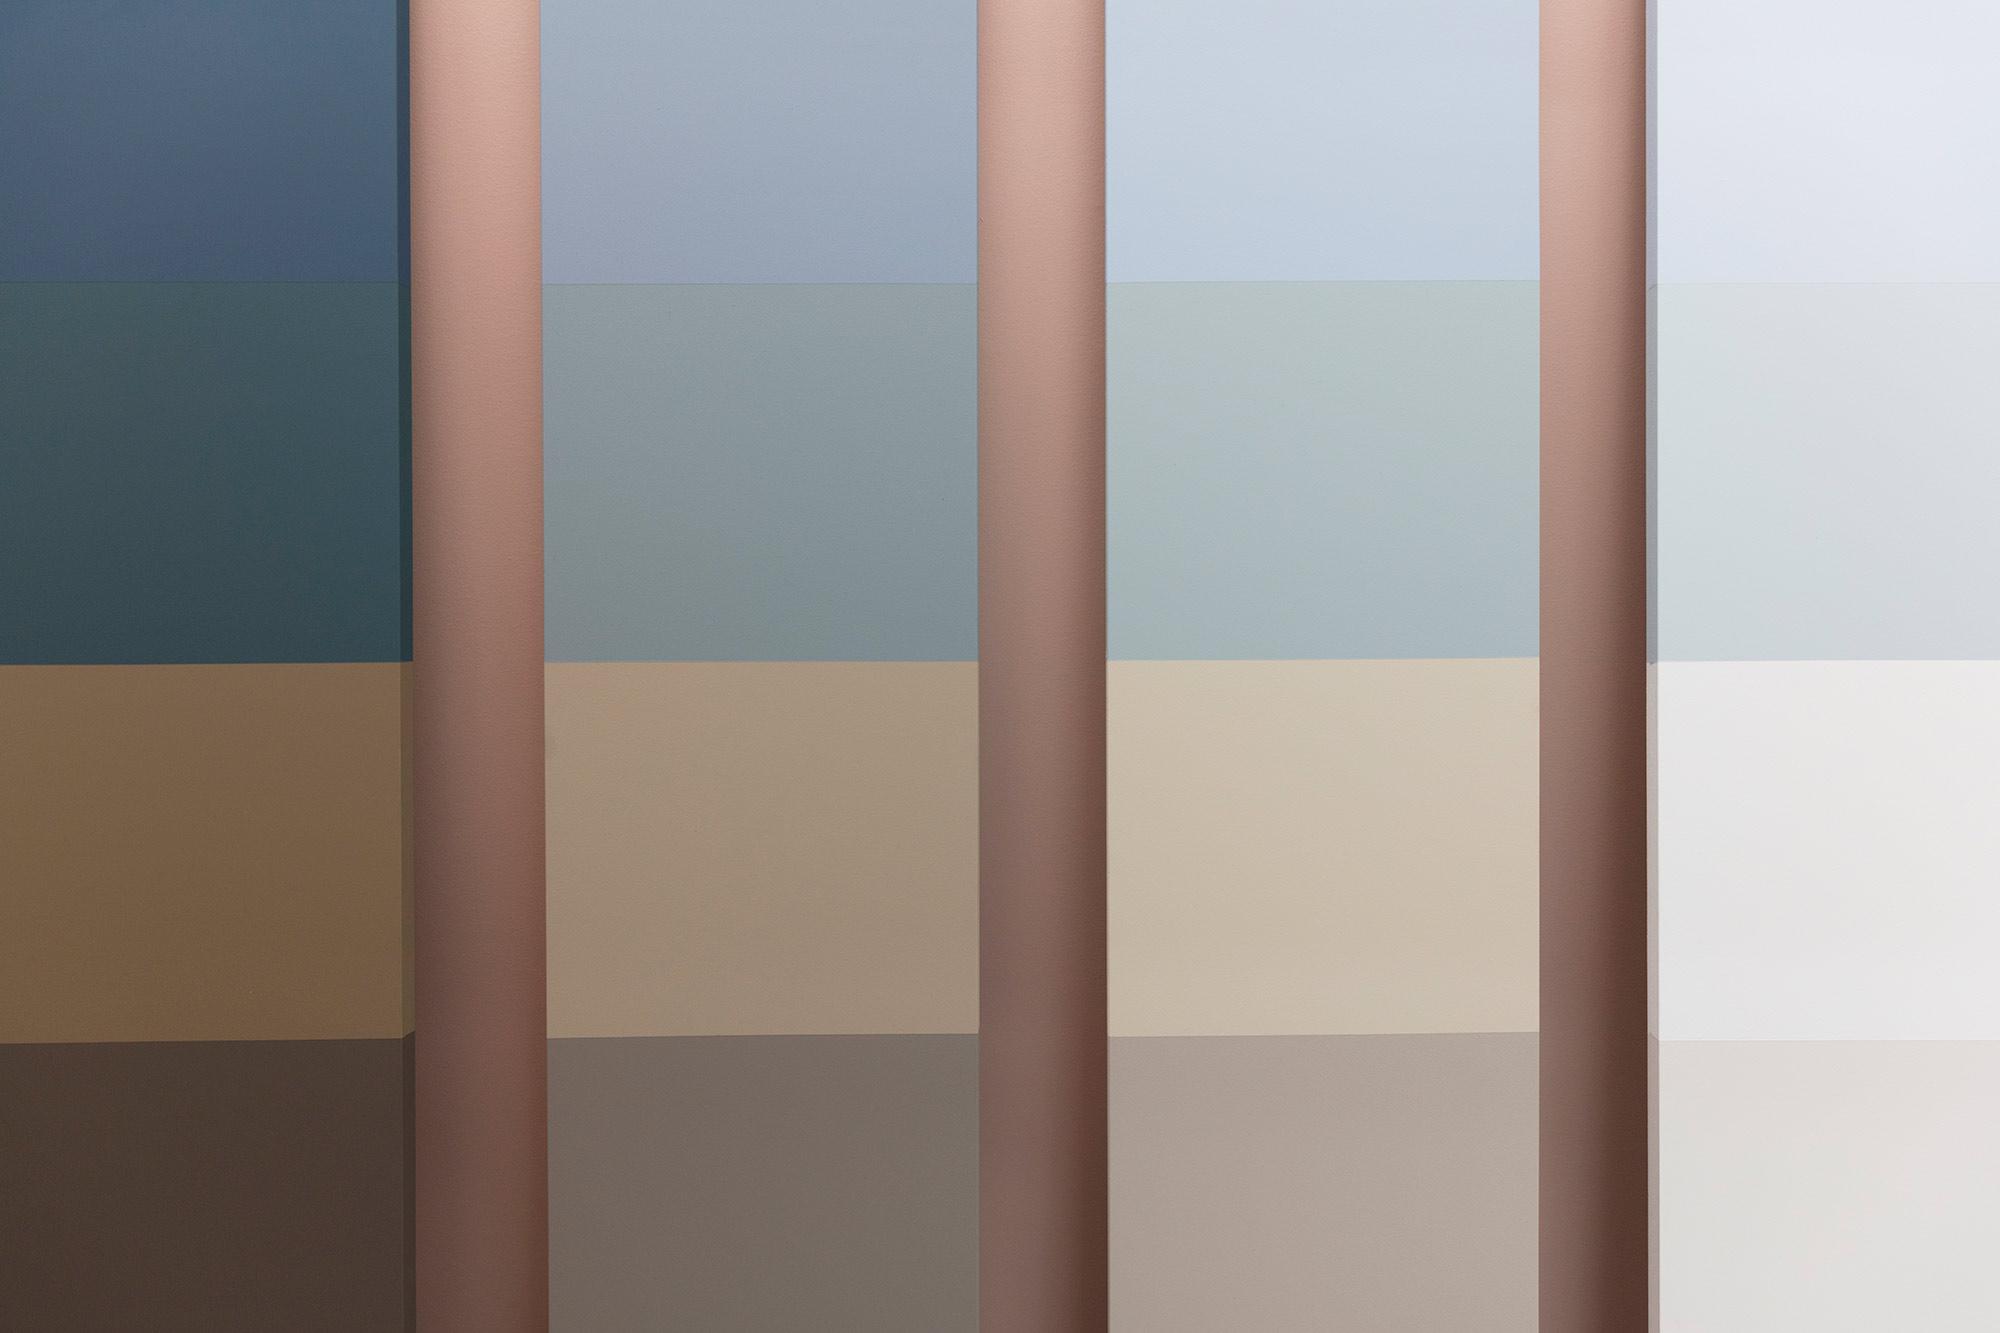 Cómo usar la paleta de colores